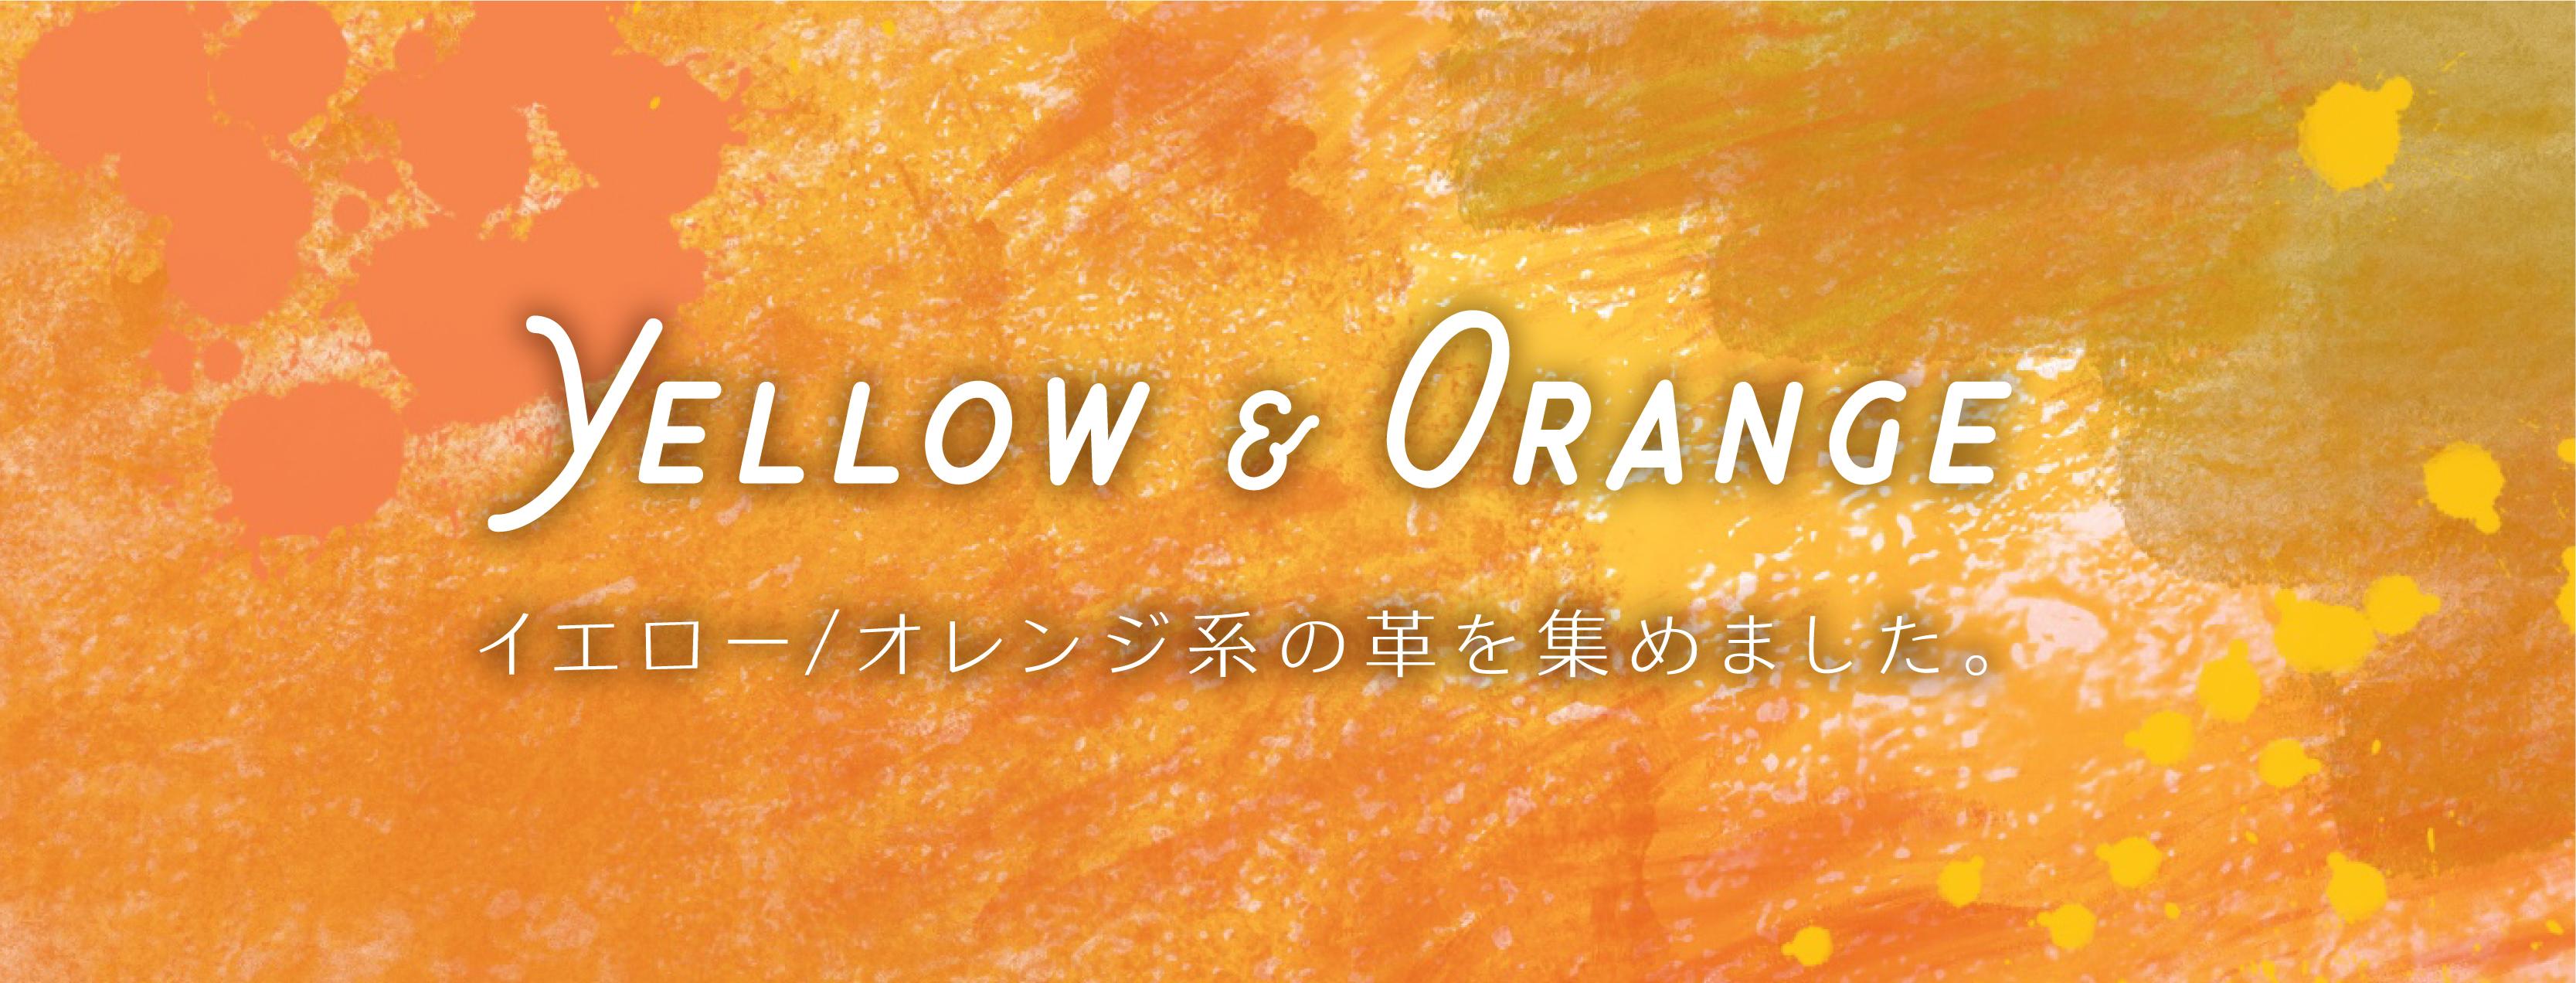 イエロー / オレンジ系の革を集めました。